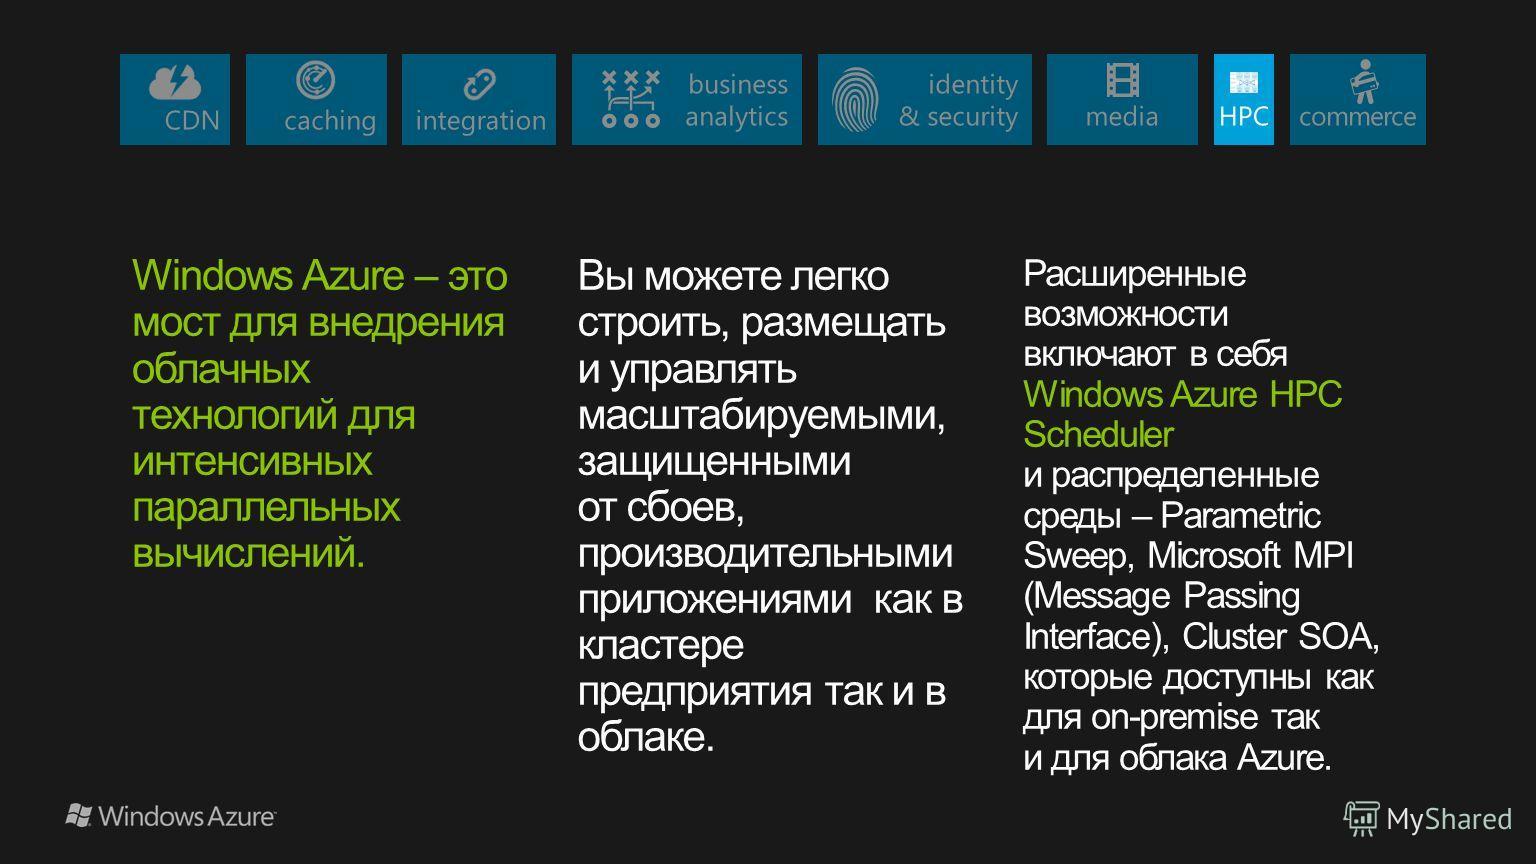 Windows Azure – это мост для внедрения облачных технологий для интенсивных параллельных вычислений. Вы можете легко строить, размещать и управлять масштабируемыми, защищенными от сбоев, производительными приложениями как в кластере предприятия так и